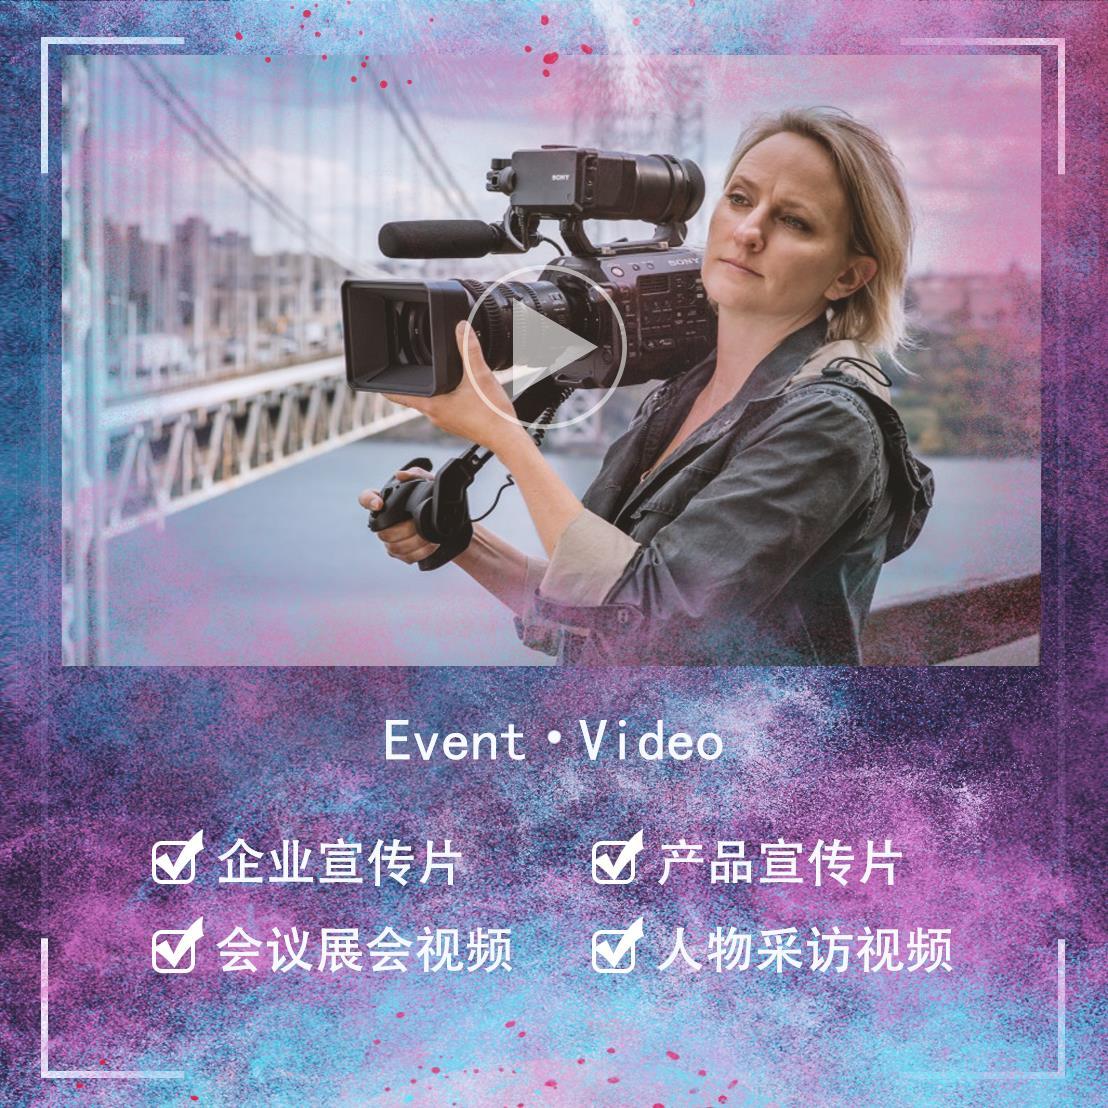 乌鲁木齐宣传片年会采访视频制作广告产品人物微电影活动上门拍摄